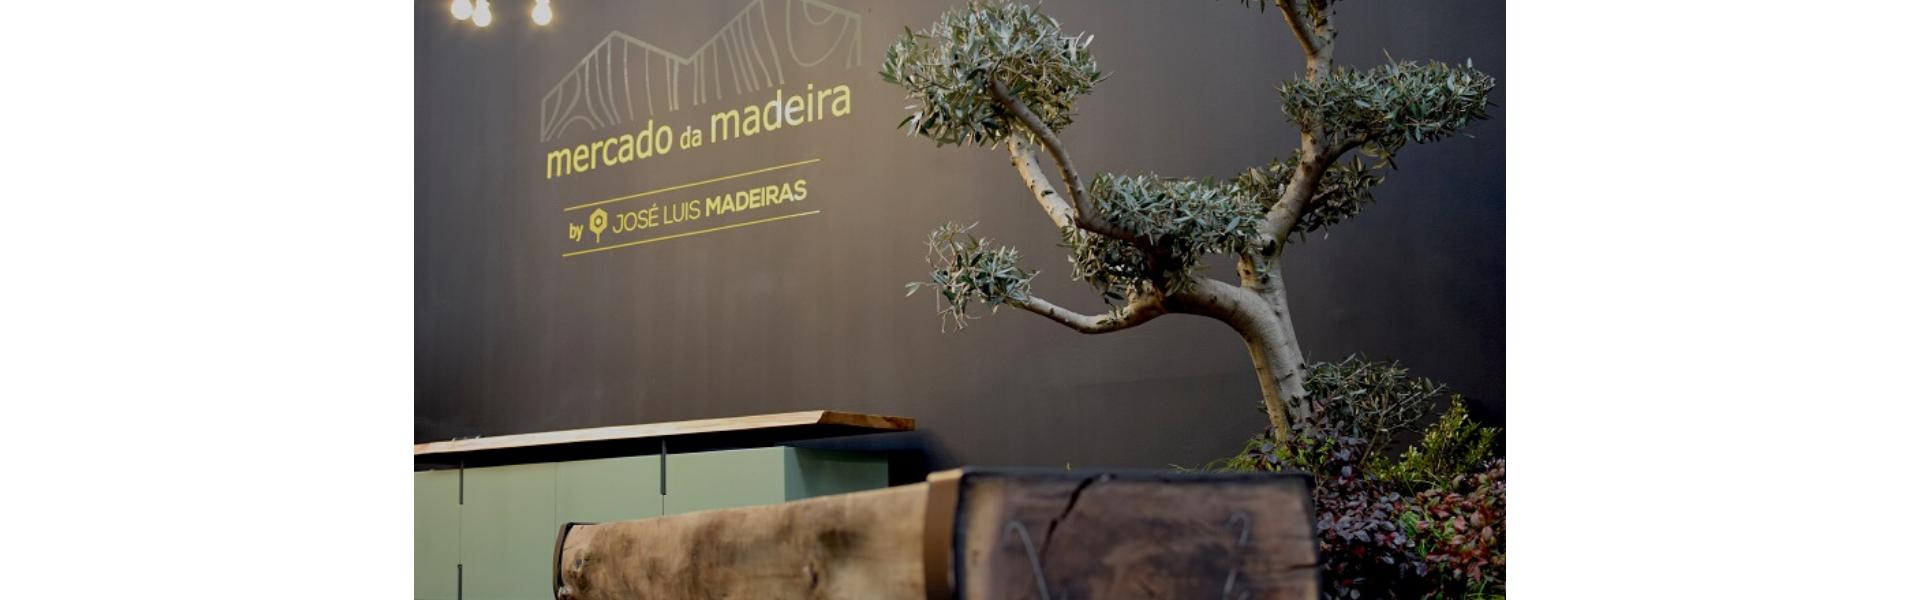 Mercado da Madeira